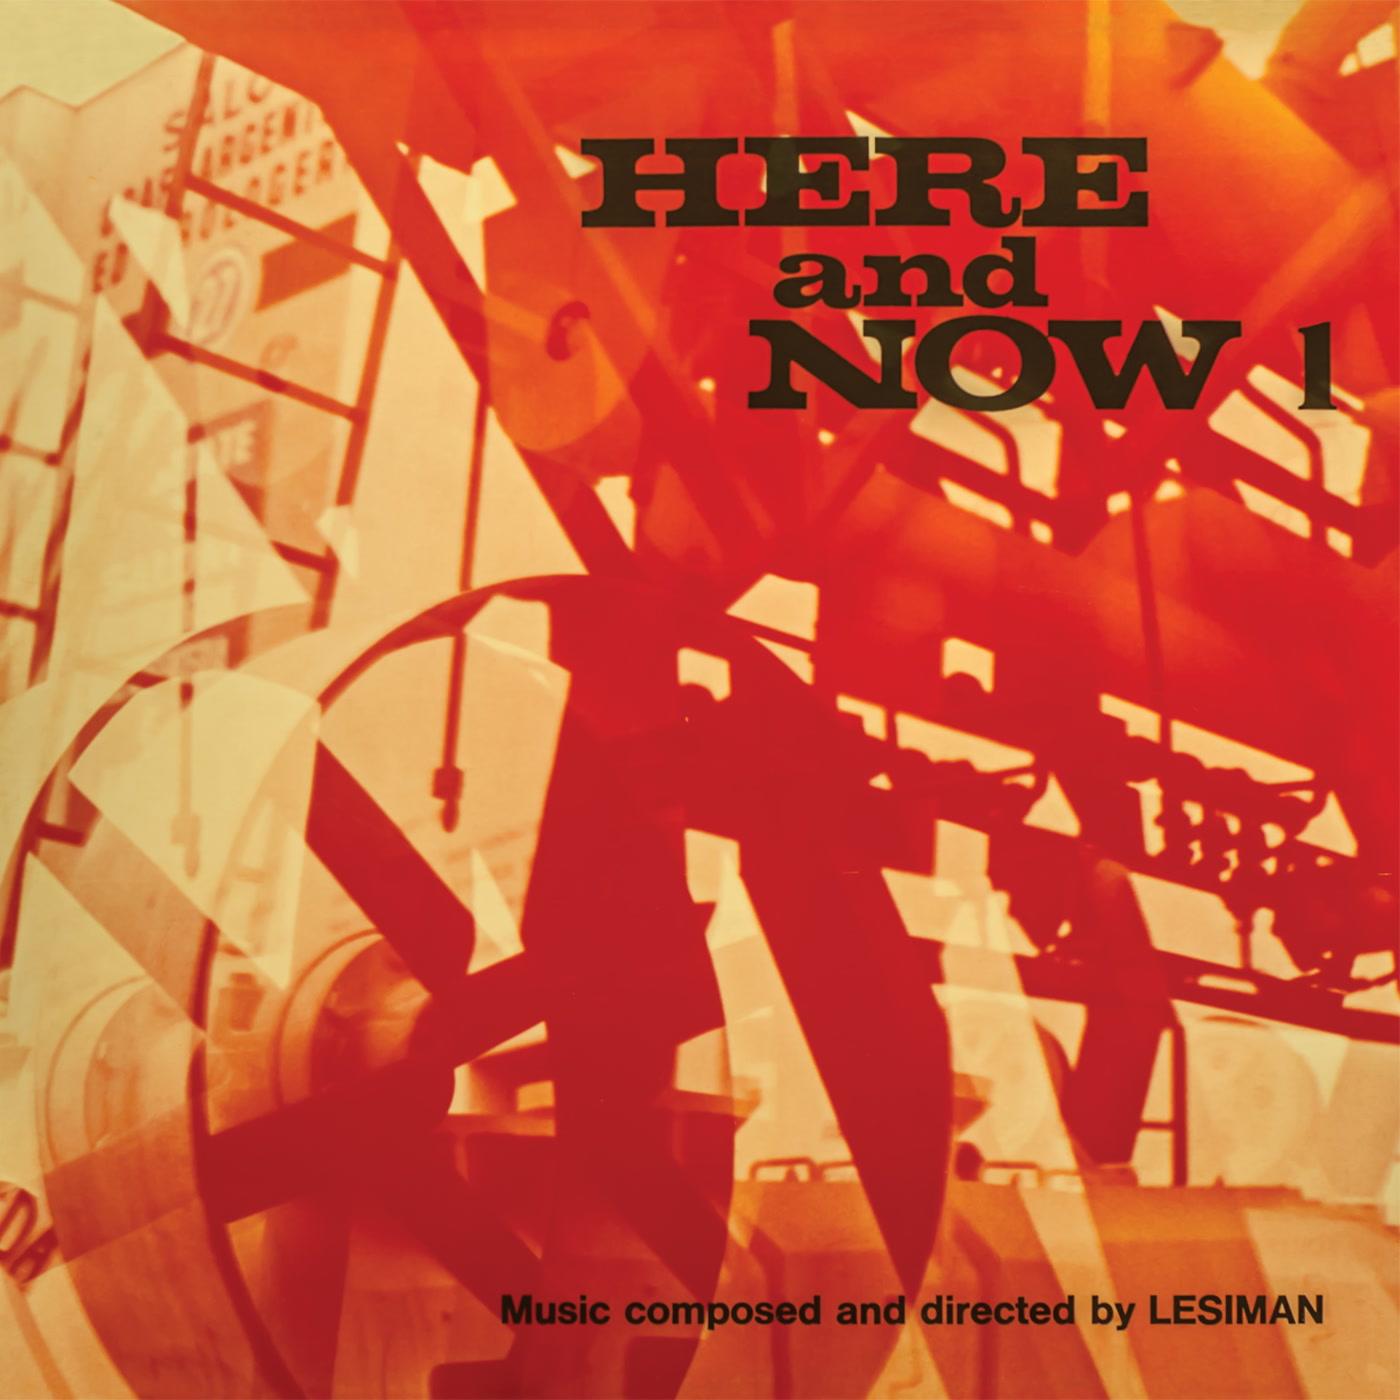 Não roda... mas toca! - Página 16 Lesiman-here-and-now-1